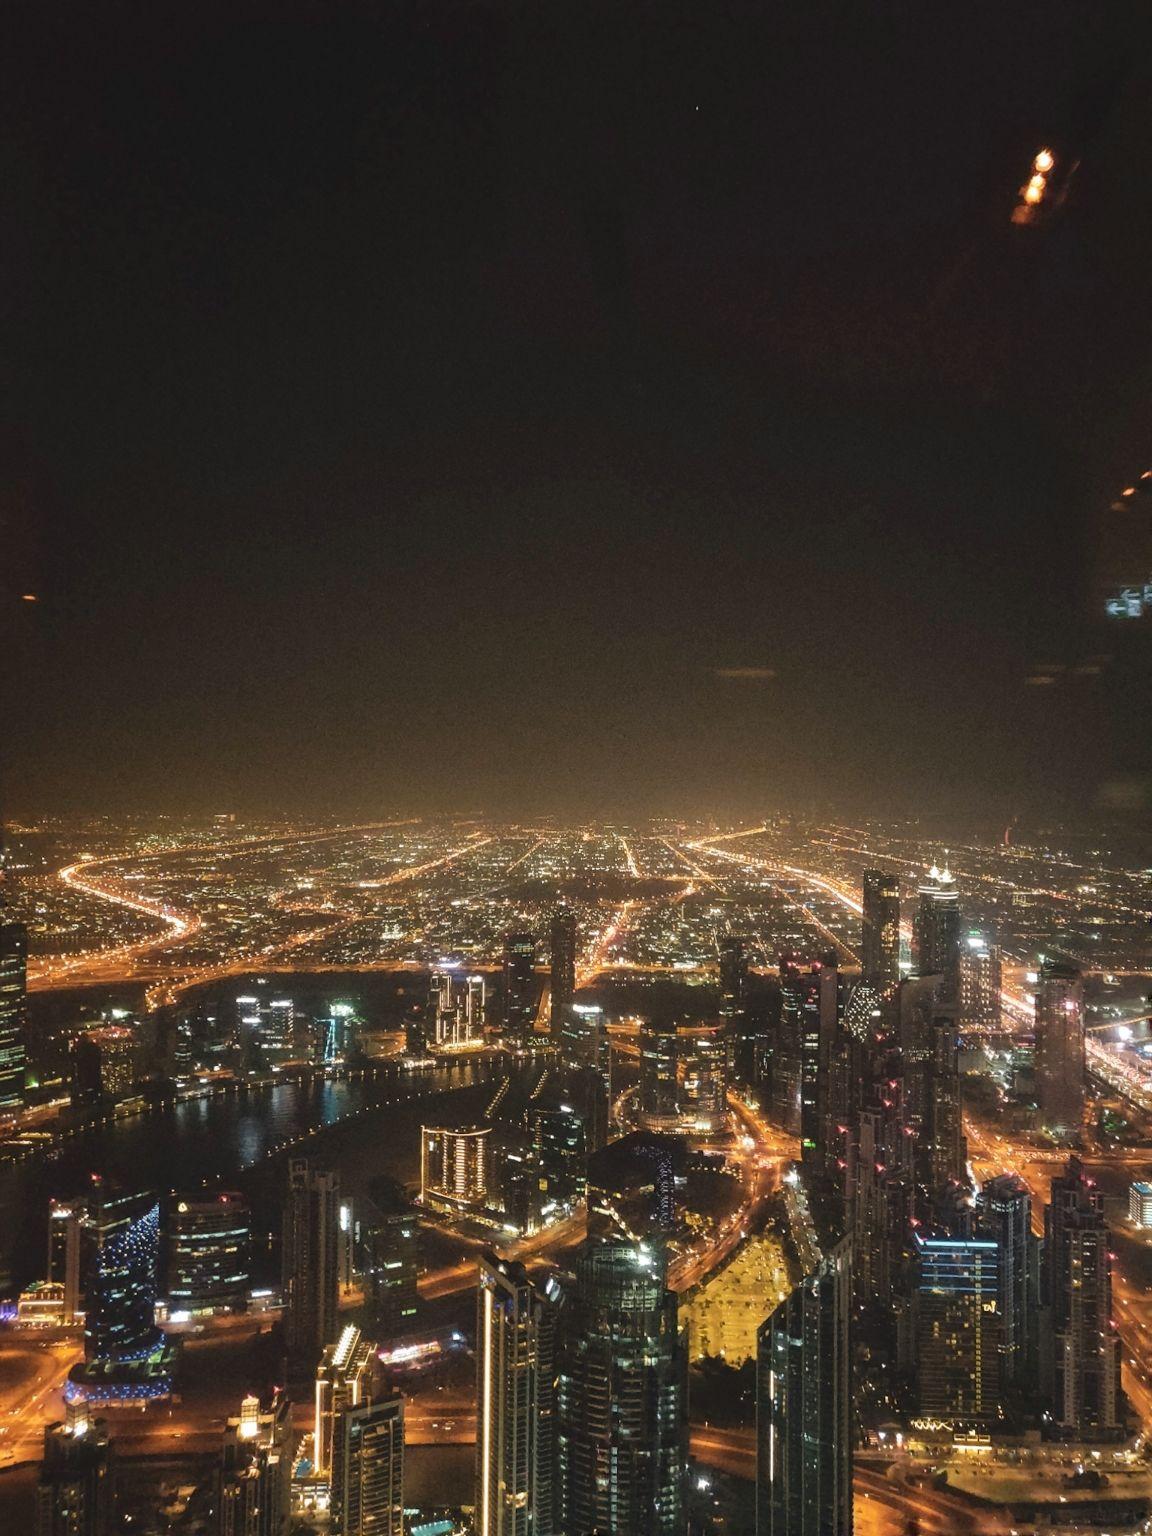 Photo of Burj Khalifa - Dubai - United Arab Emirates By Modi Shivangi